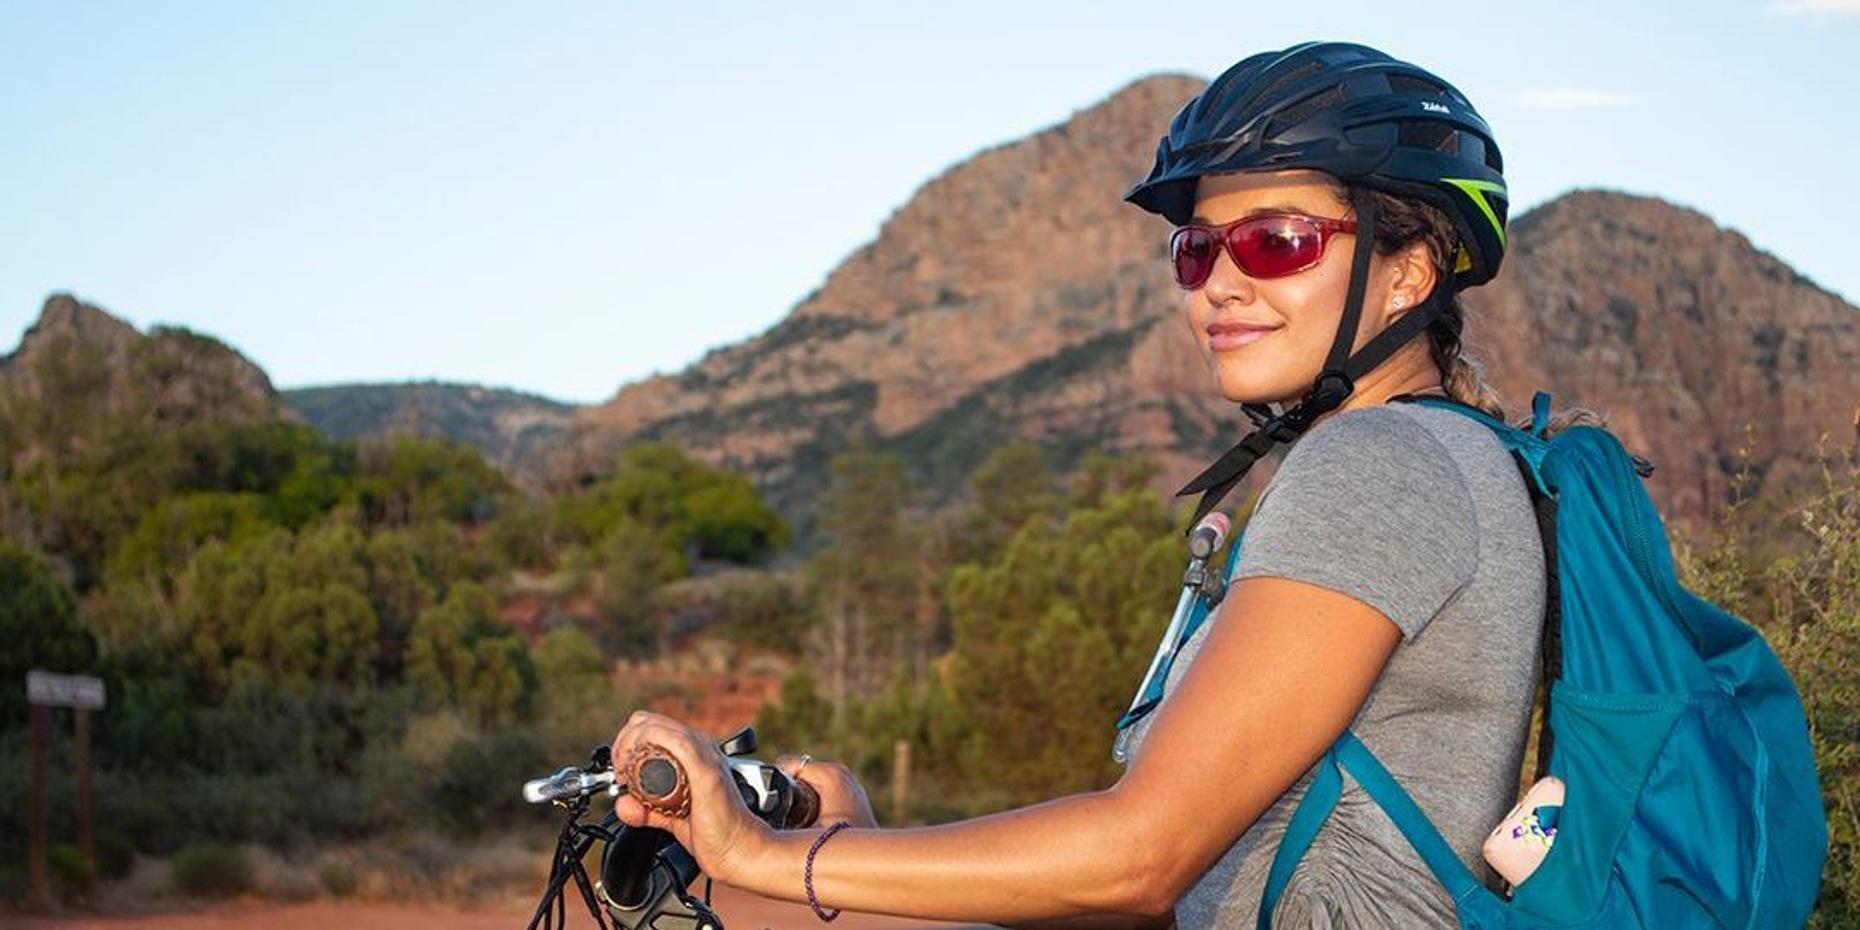 Ebike Tour of Oak Creek Village in Sedona